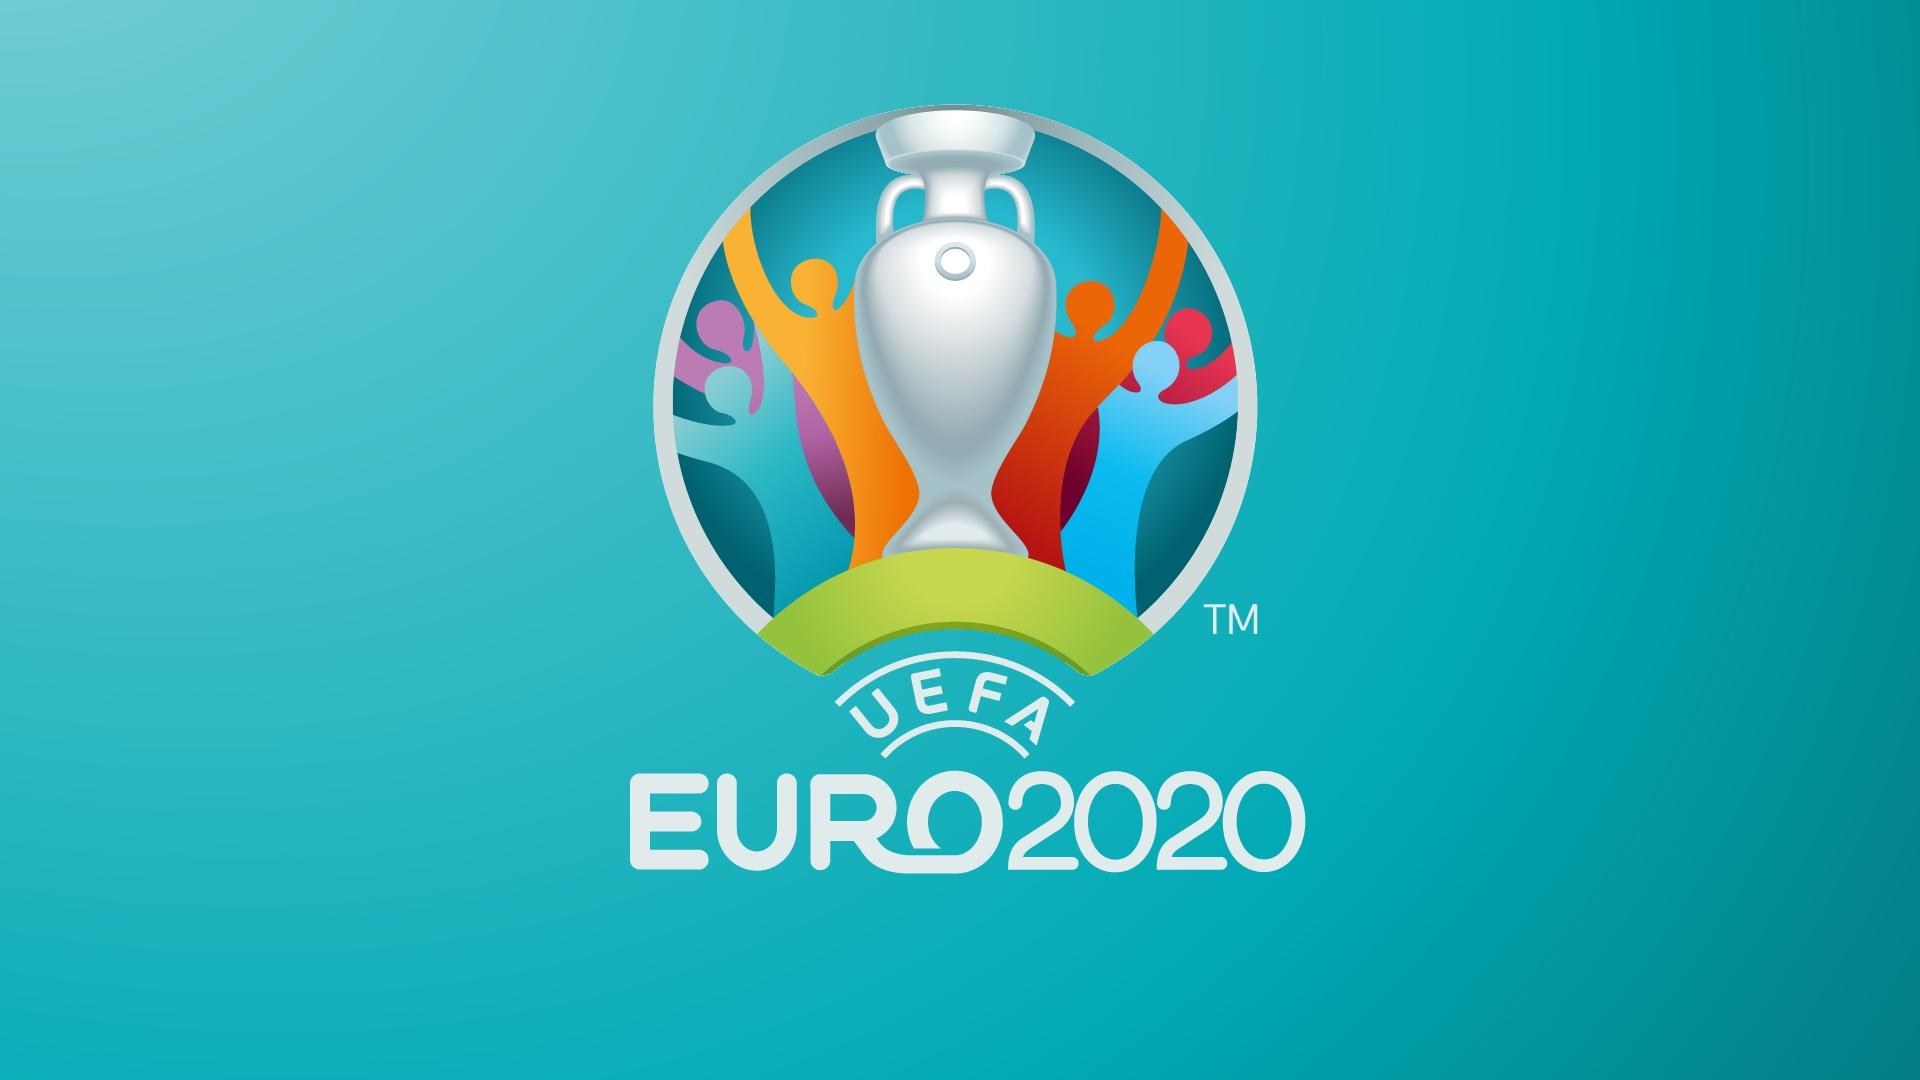 La UEFA ya ha decidido la nueva fecha de la EURO 2020